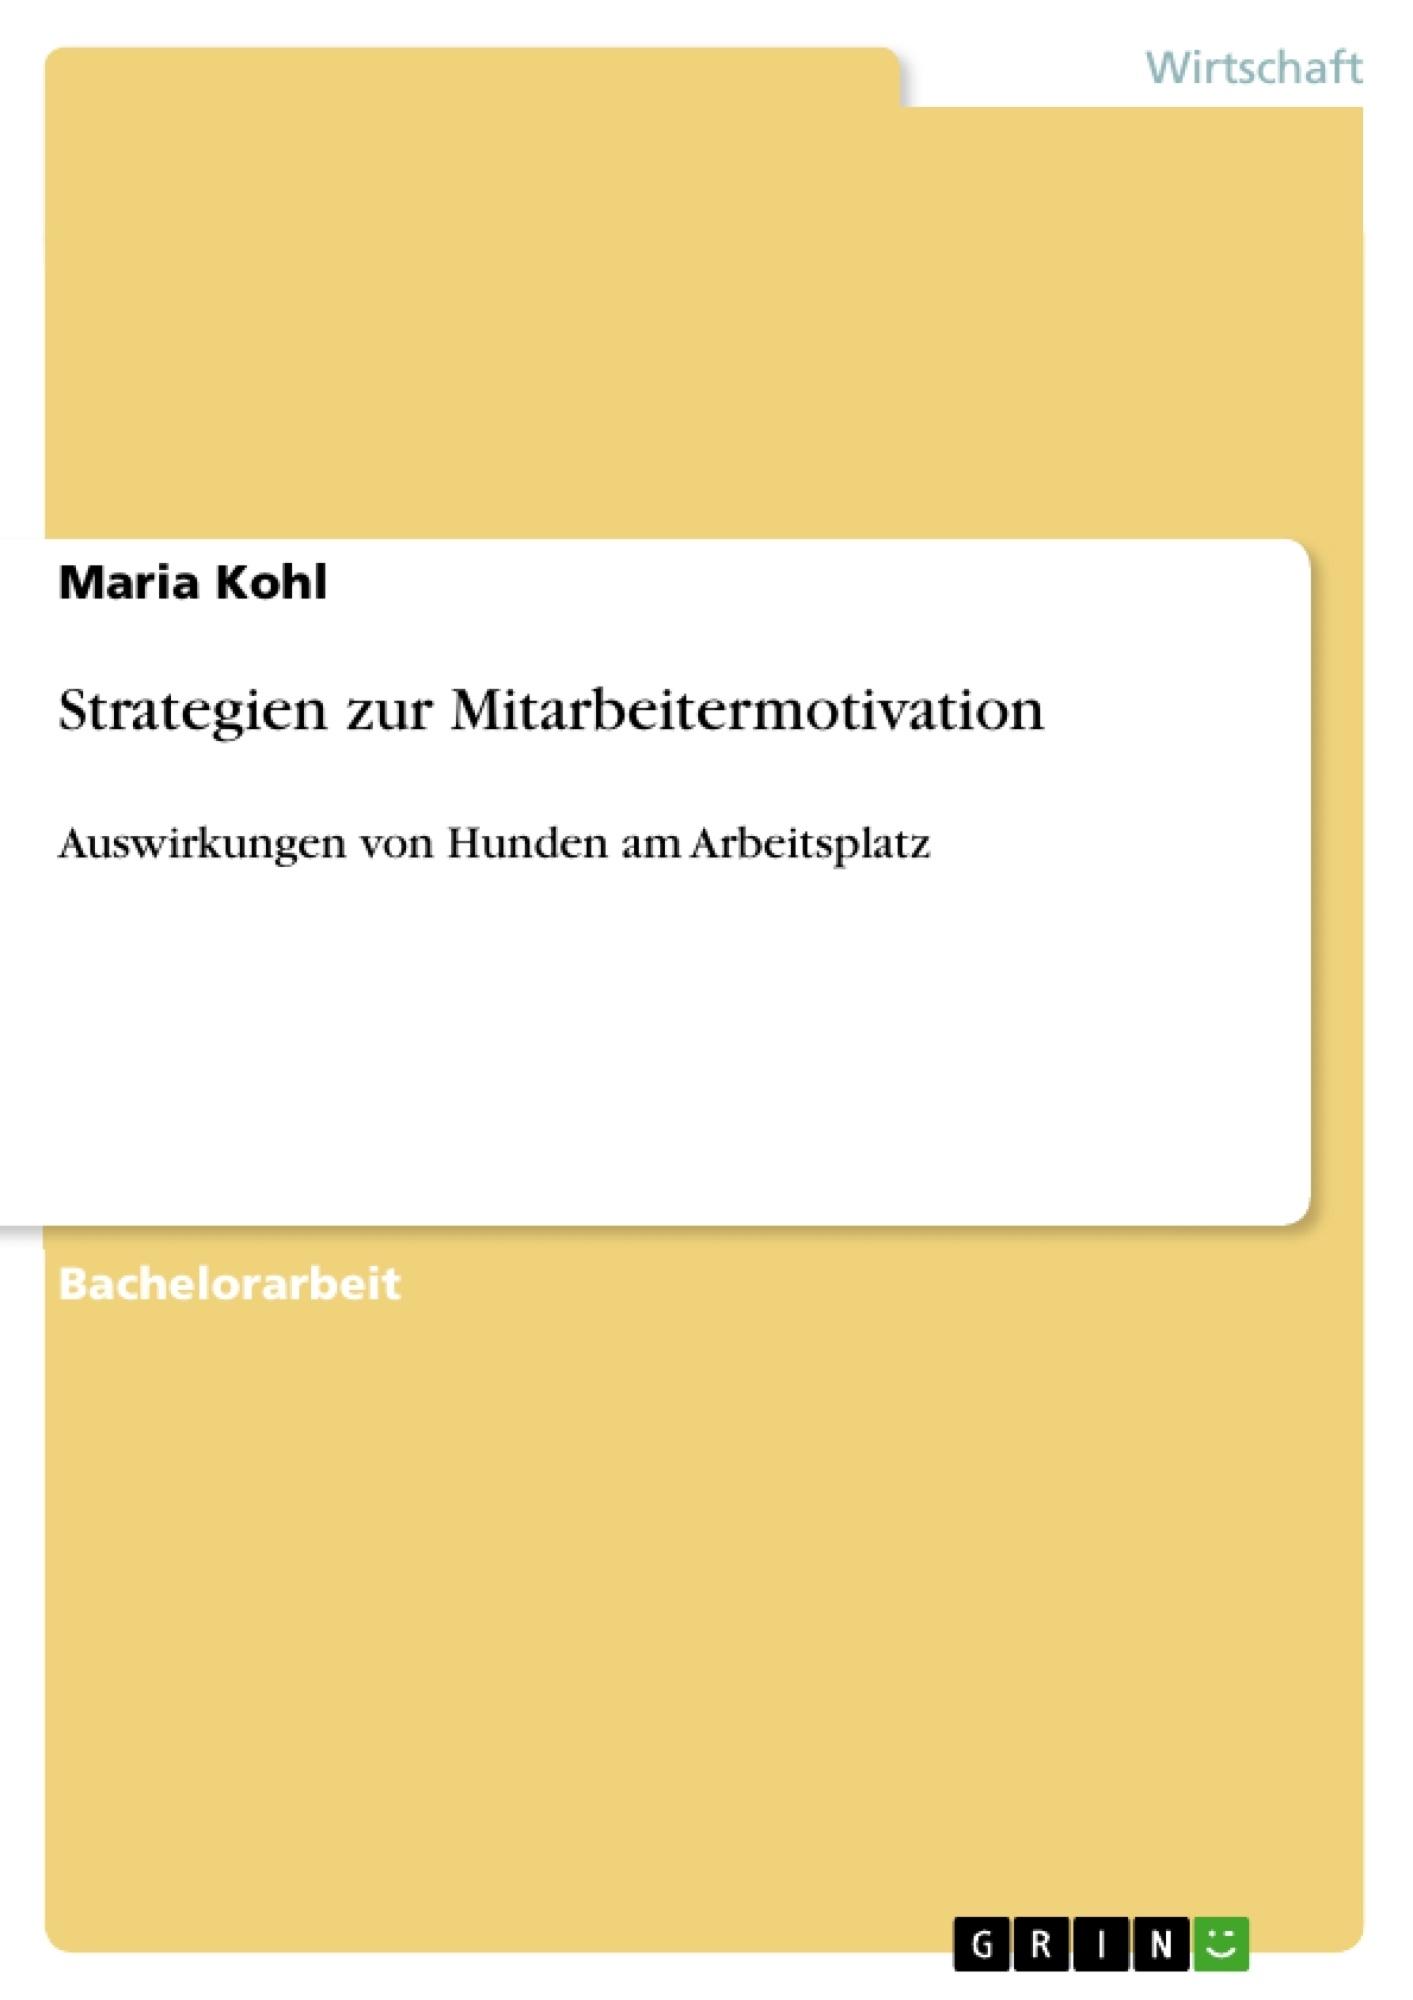 Titel: Strategien zur Mitarbeitermotivation